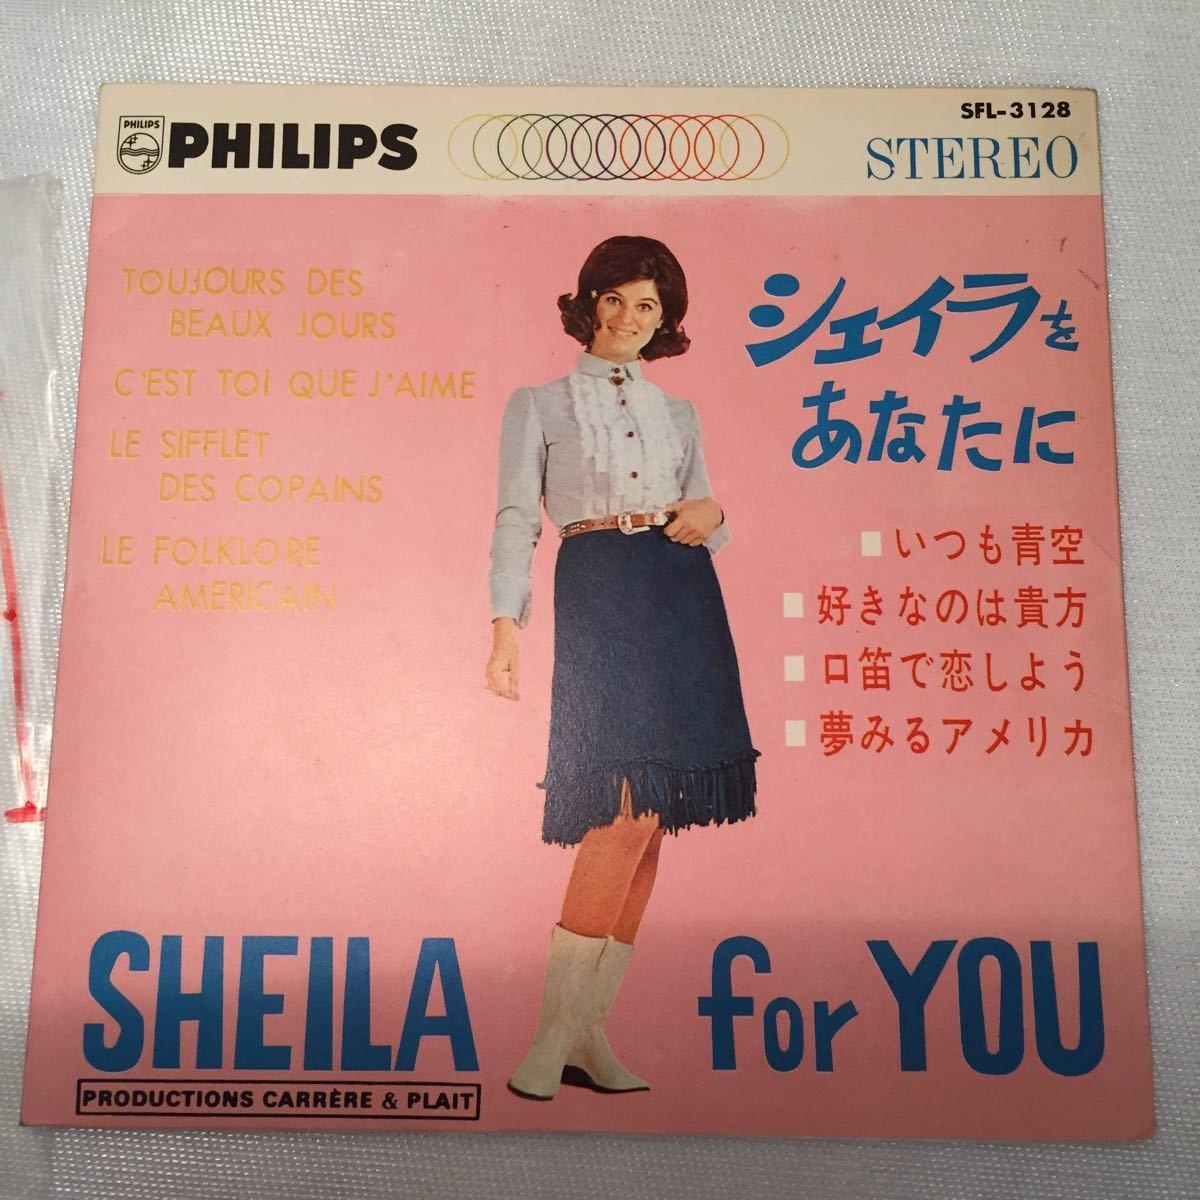 シェイラをあなたに EPレコード SHEILA for YOU _画像3